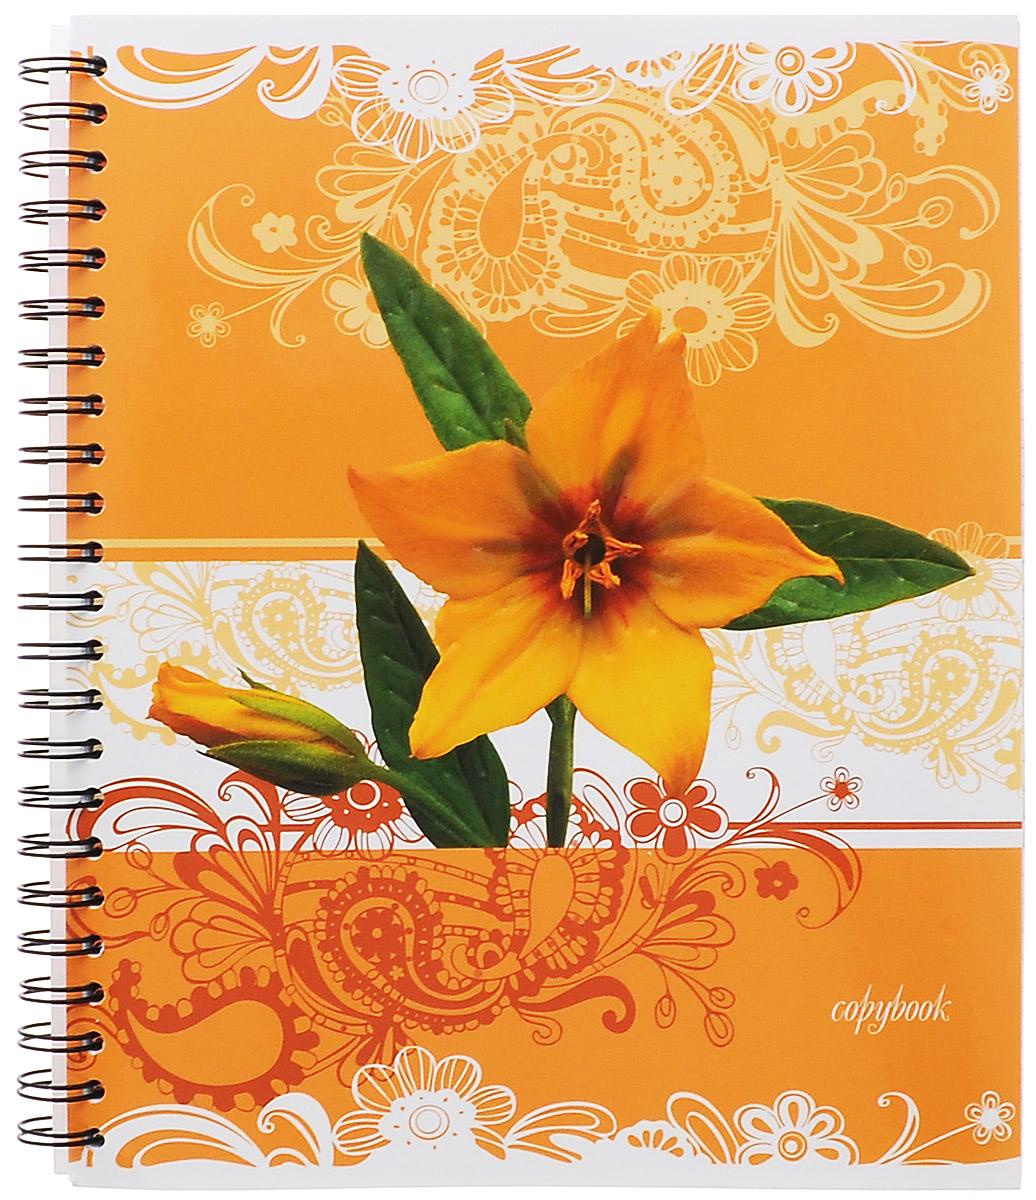 Полиграфика Тетрадь в клетку Цветы, цвет: желтый, 96 листов120ТК5B1_10505Тетрадь Полиграфика Цветы представлена в формате А5. Тетрадь в глянцевой обложке с рельефным тиснением и изображением желтого цветка. Внутренний блок состоит из 96 листов со стандартной линовкой в клетку без полей на стальном гребне. Такое практичное и надежное крепление позволяет вырывать листы и полностью открывать тетрадь на столе.Вне зависимости от профессии и рода деятельности у человека часто возникает потребность сделать какие-либо заметки. Именно поэтому всегда удобно иметь эту тетрадь под рукой, особенно если вы творческая личность и постоянно генерируете новые идеи.